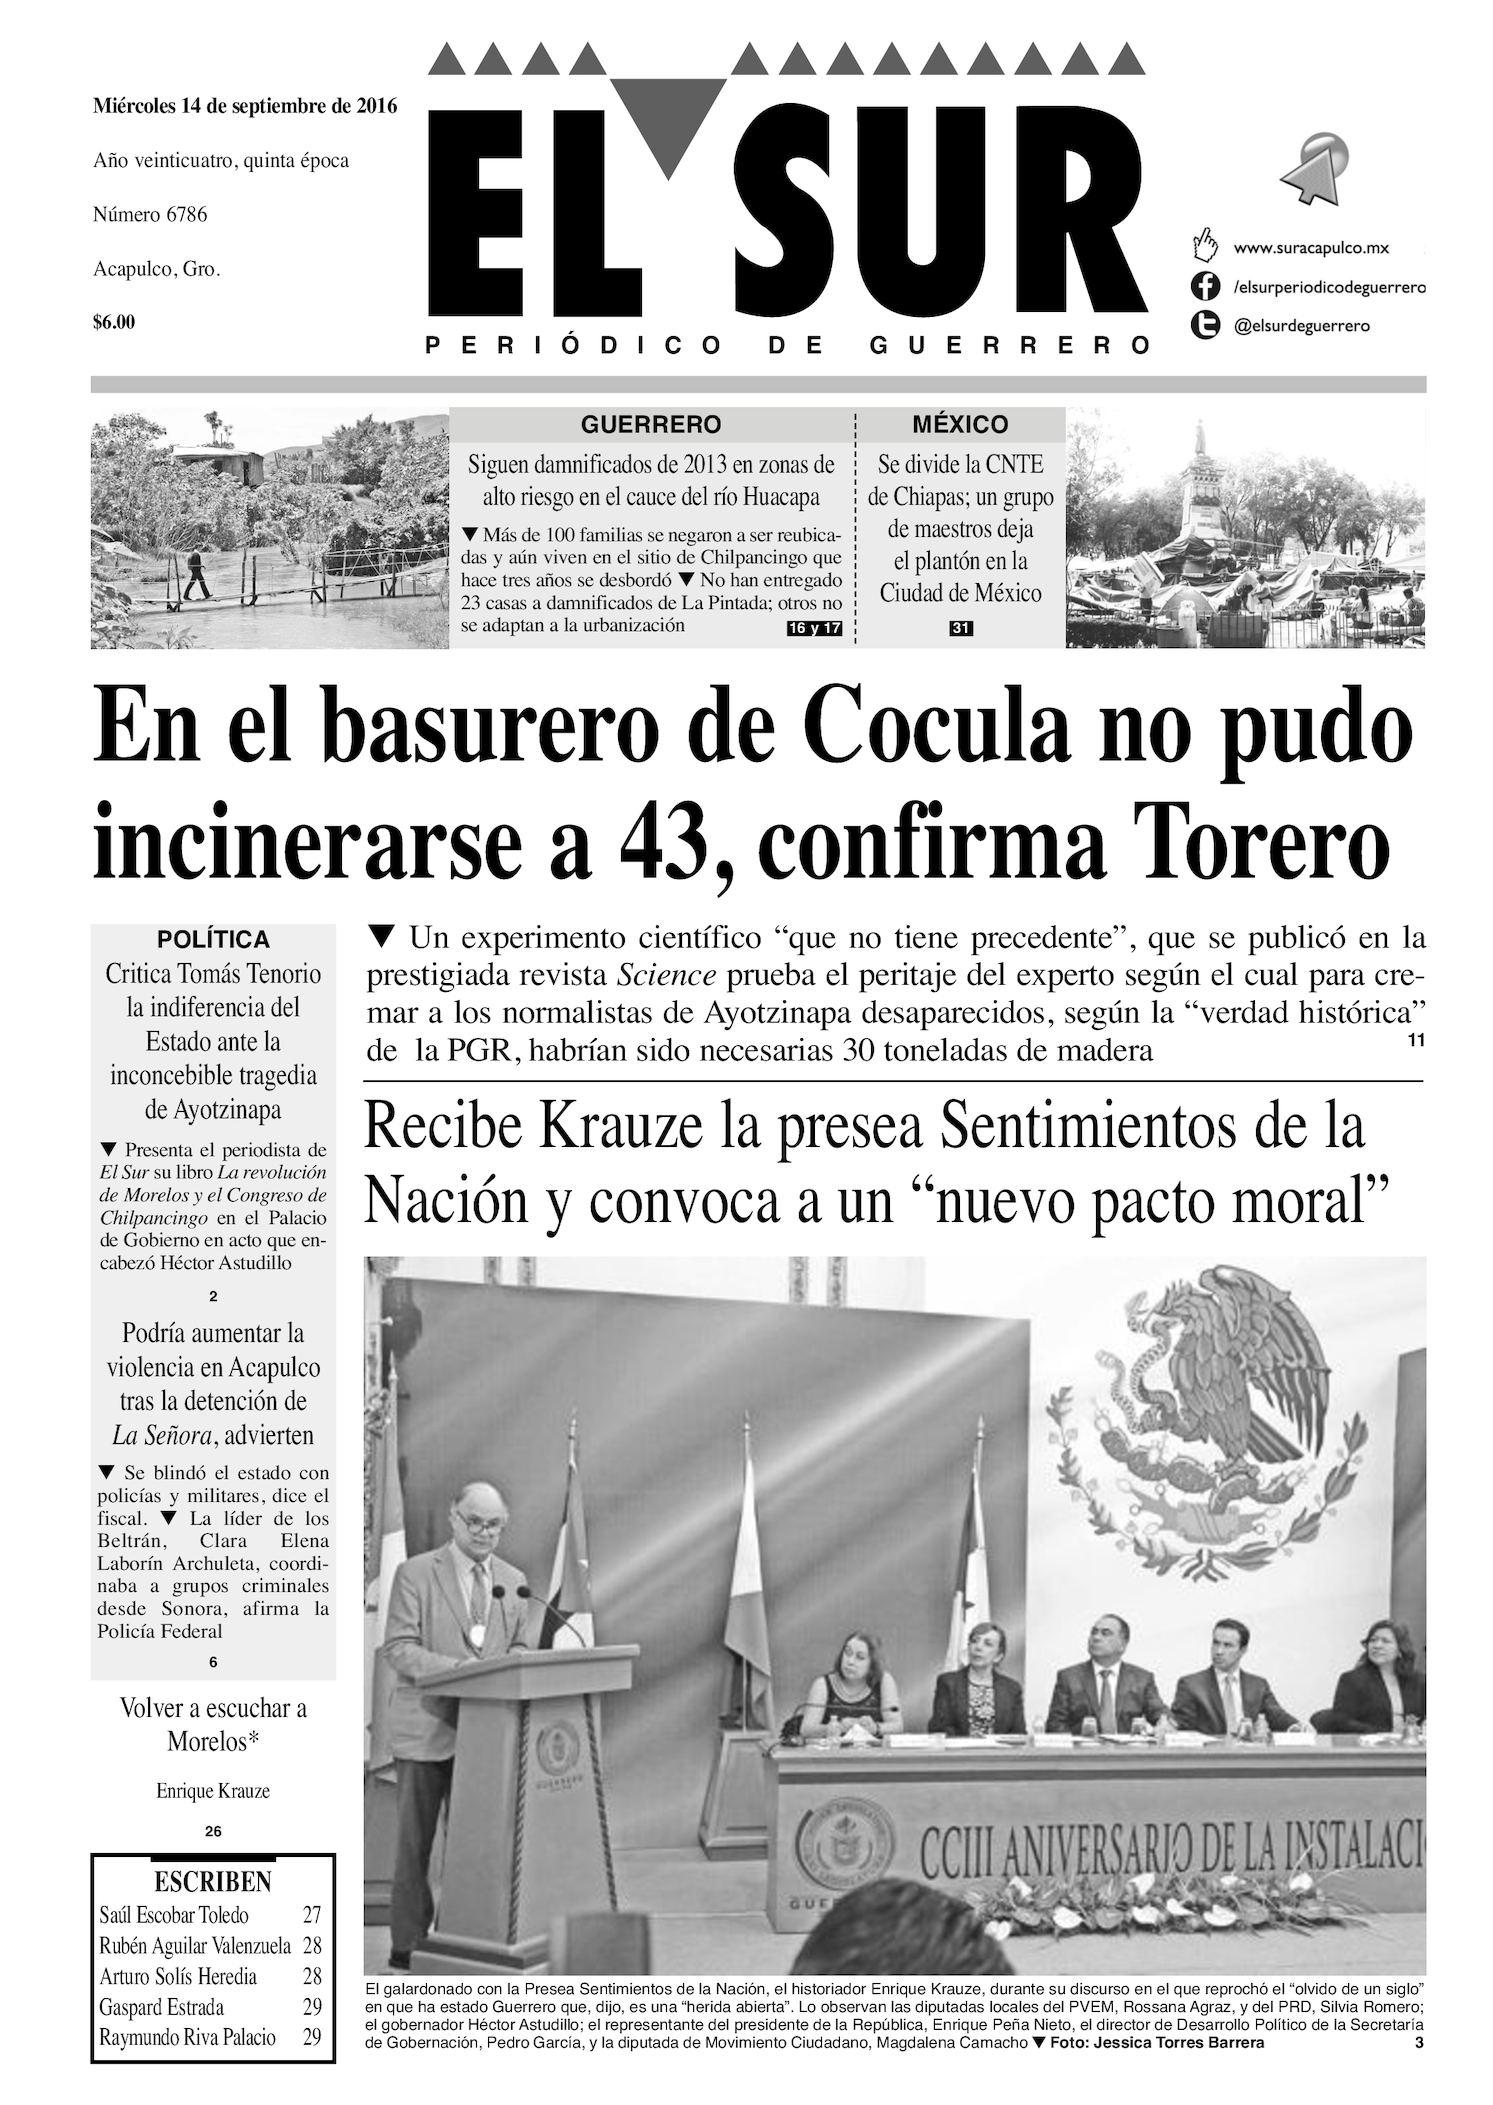 Calaméo - El Sur Miercoles 14092016